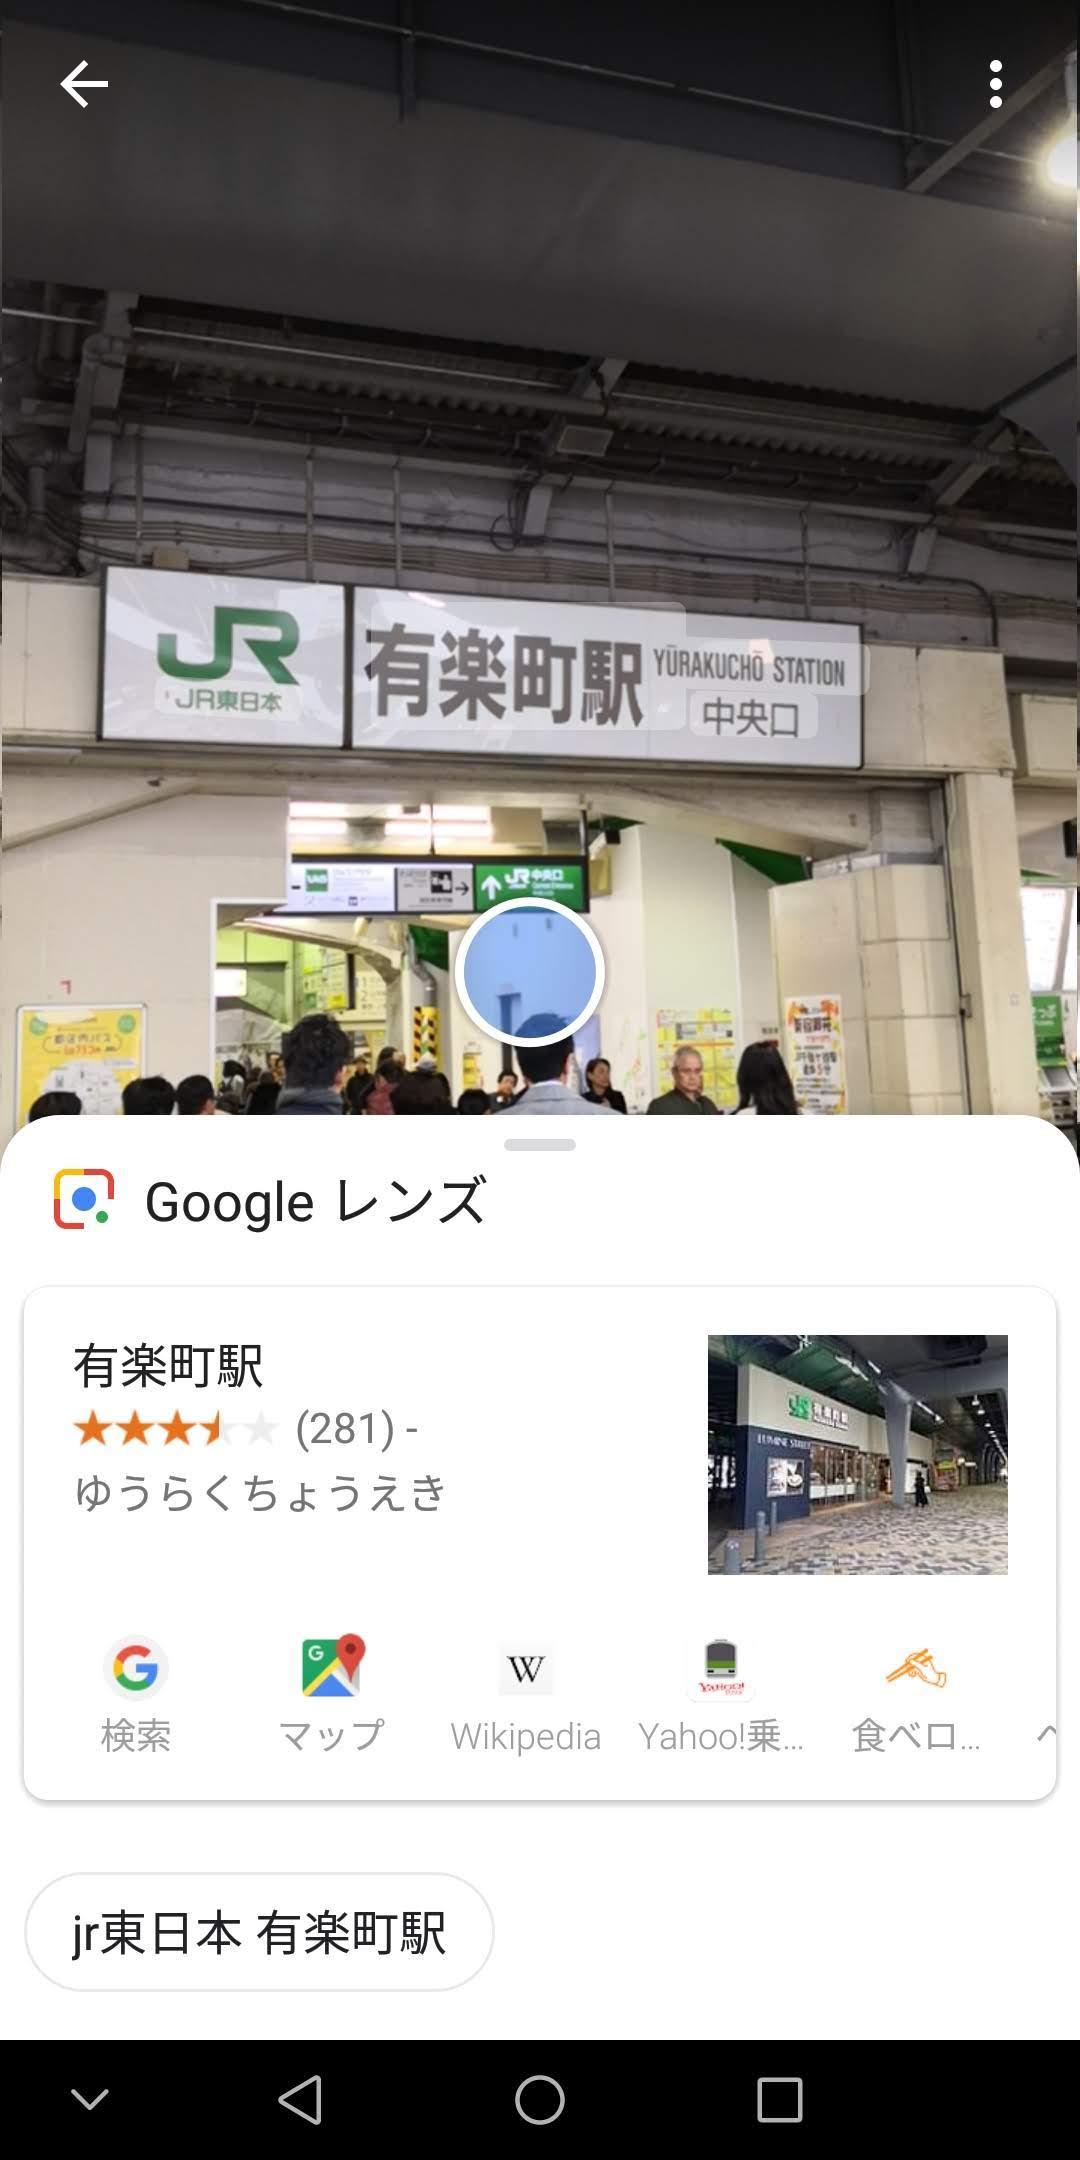 アプリ「Googleレンズ」の使用風景②